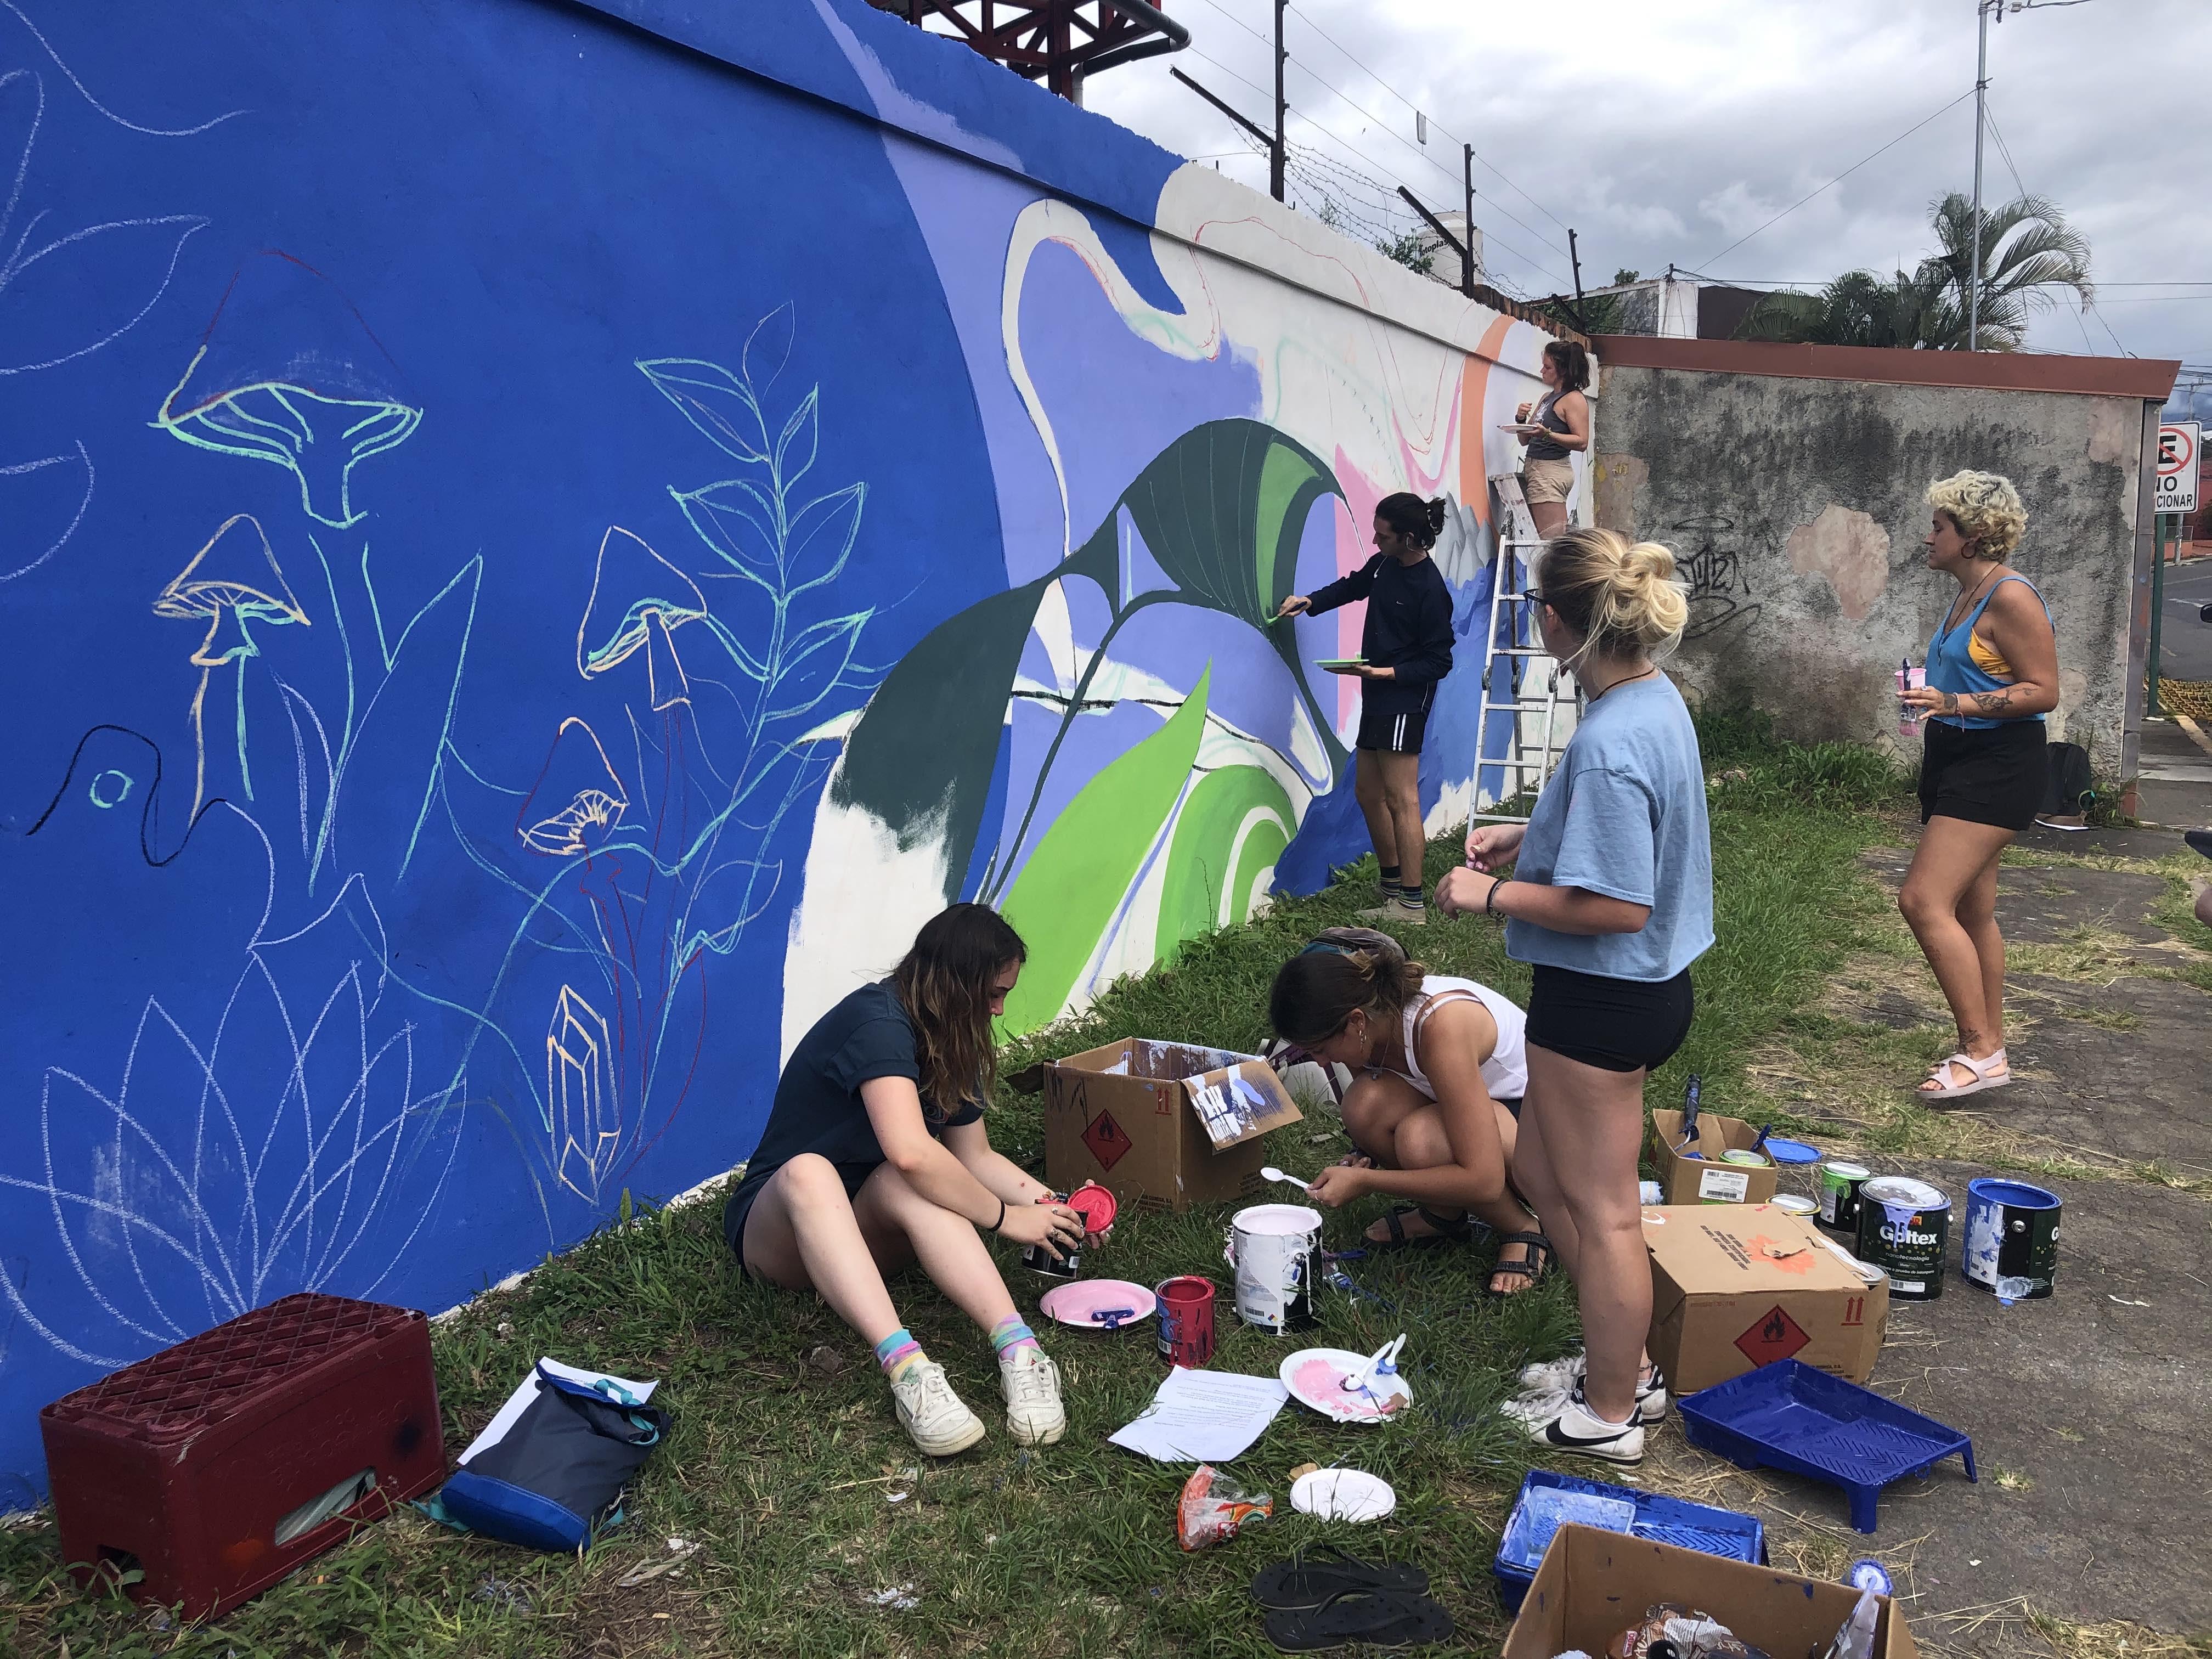 Universidad Veritas campus photos - Taleya Johnson_mural painting class